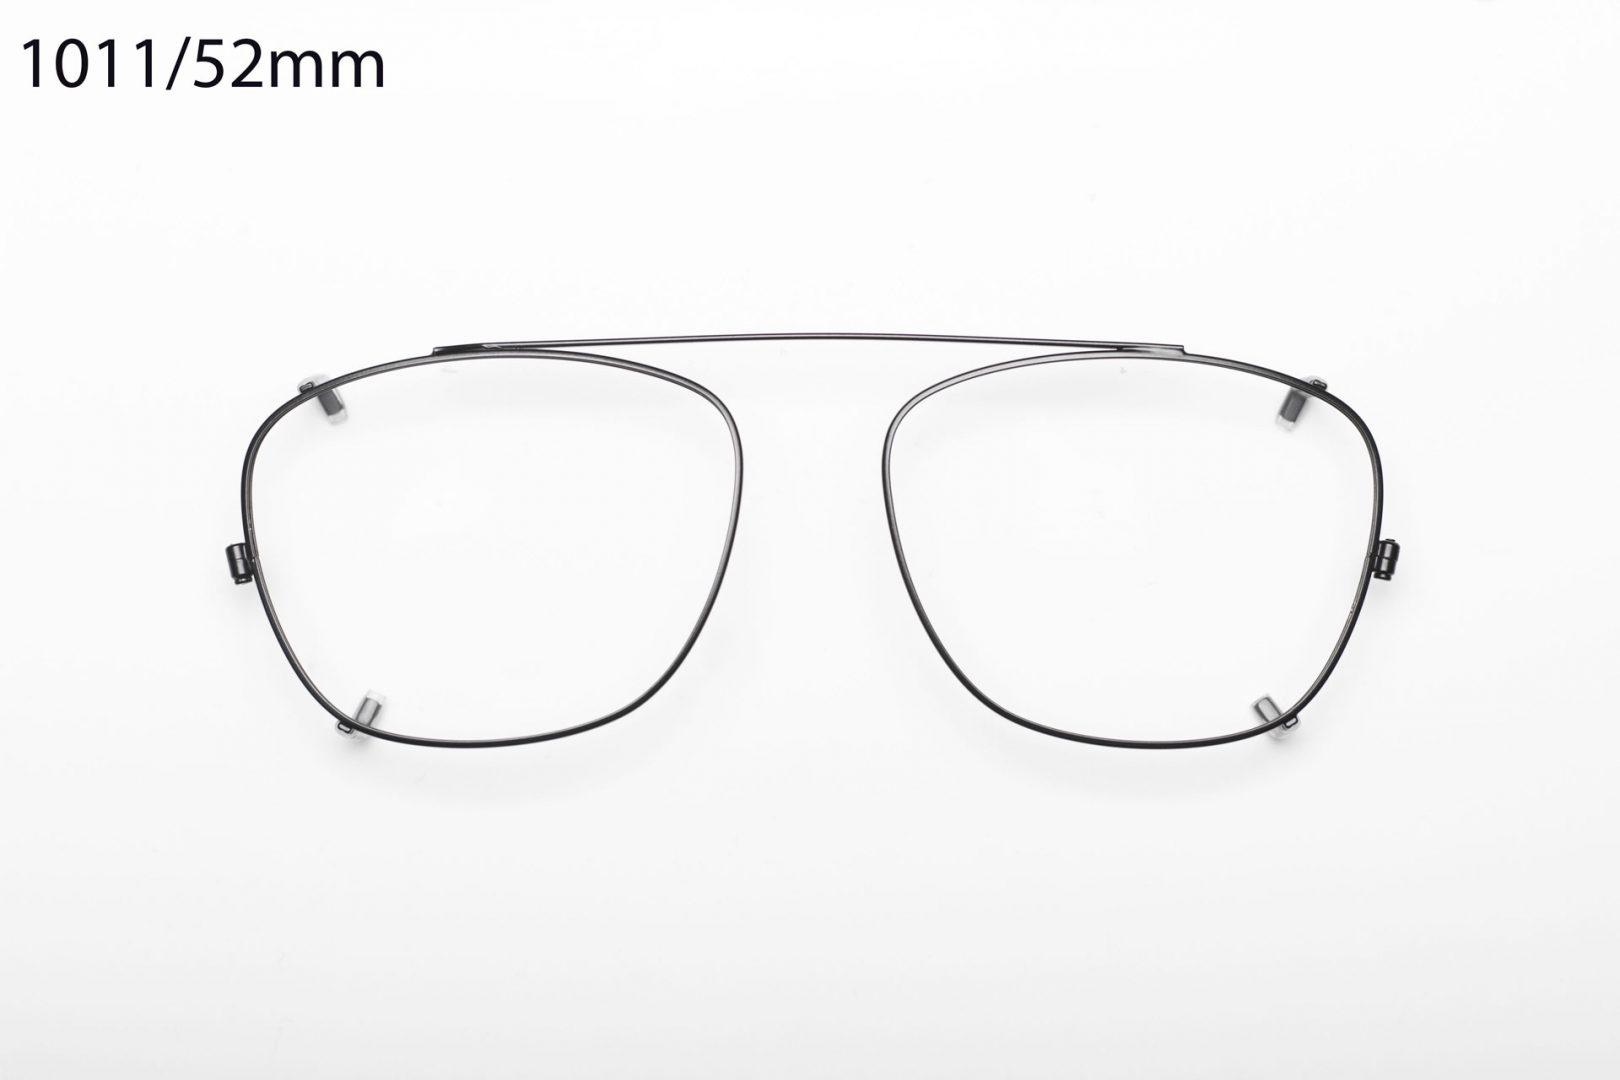 Modèle A17-101152mm